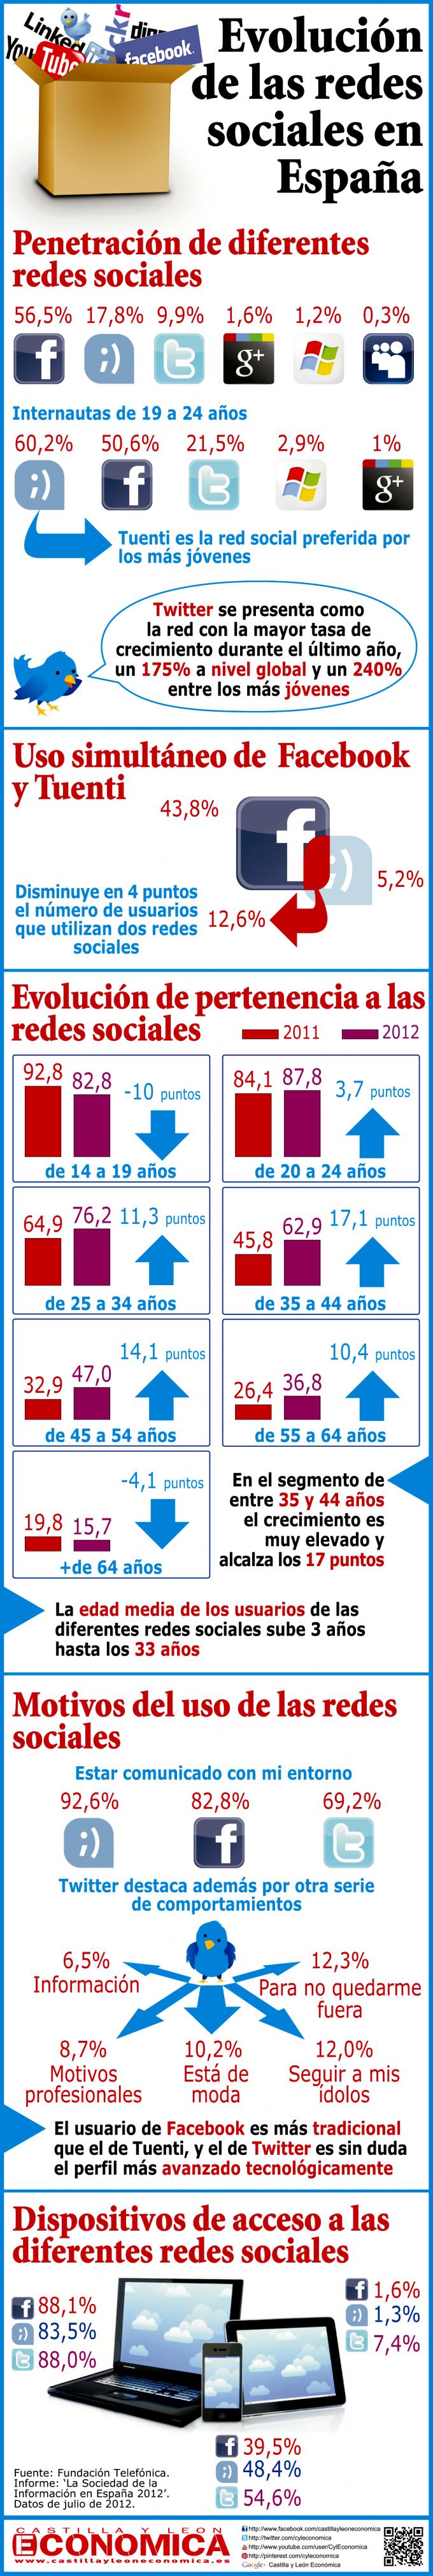 Pulso Redes Sociales Evolucion De Las Redes Sociales En Espana Infografia Trecebits Interesting Facts About London London City London